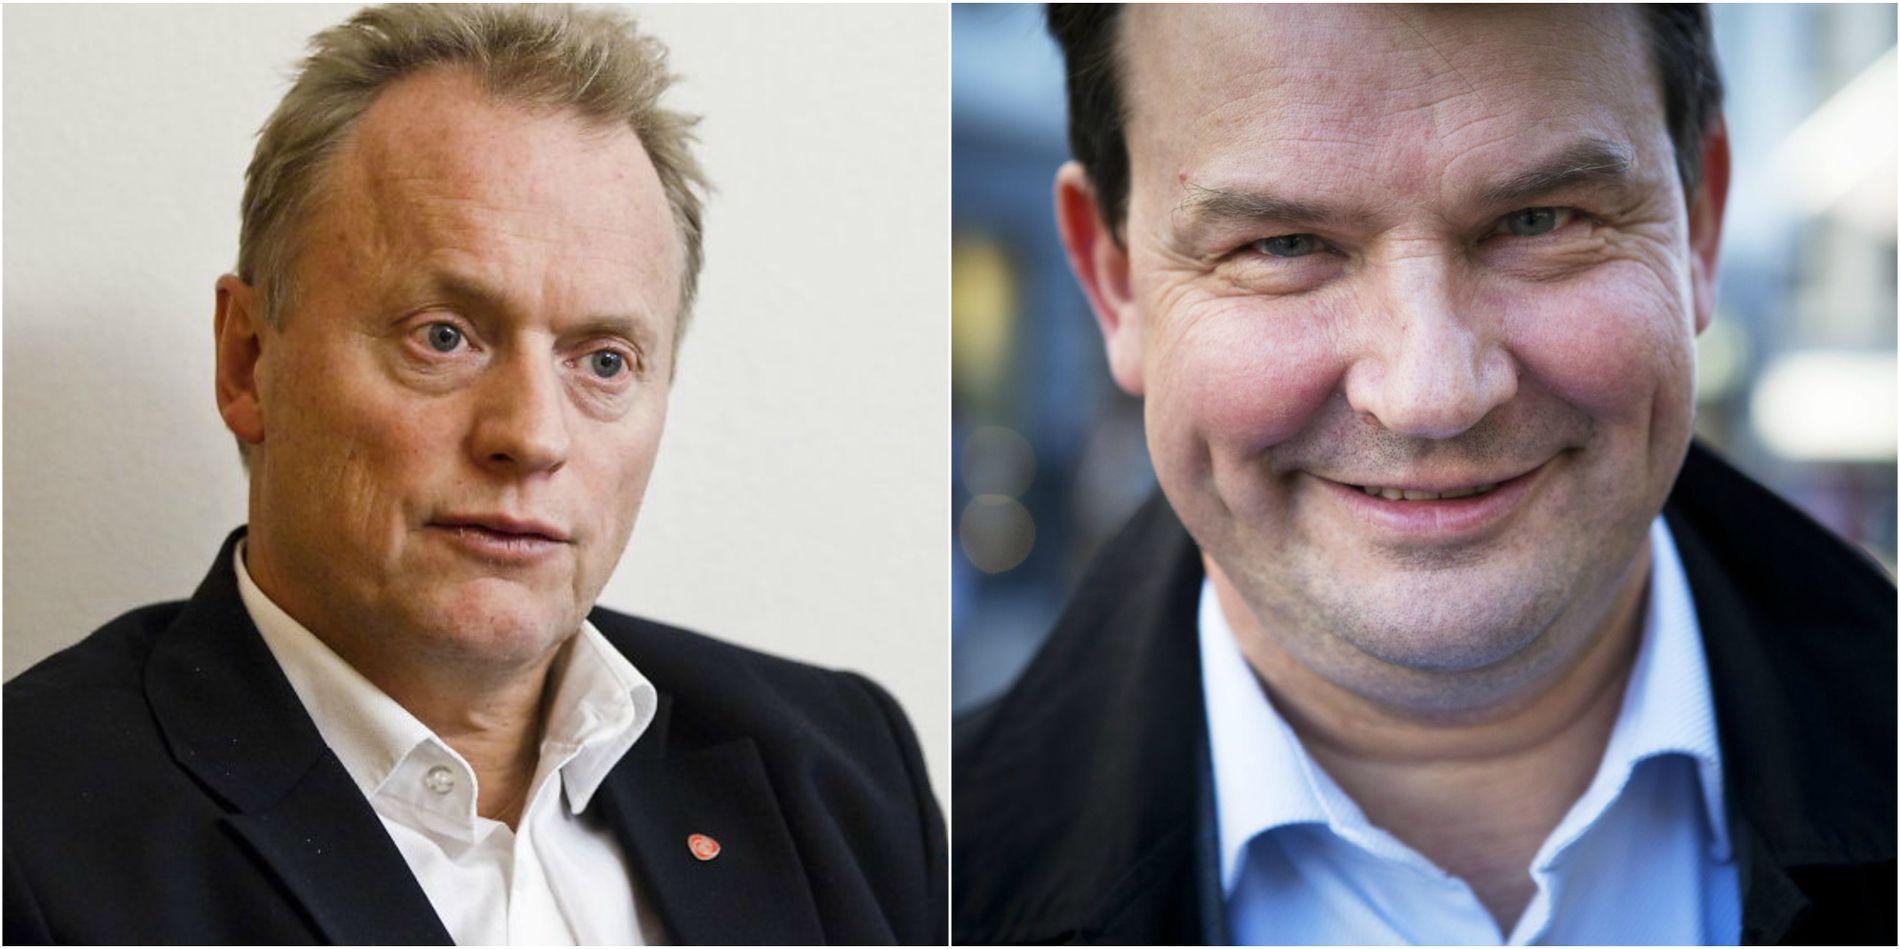 FÅR KRITIKK: Byrådsleder Raymond Johansen (Ap) og justisminister Tor Mikkel Wara (Frp)